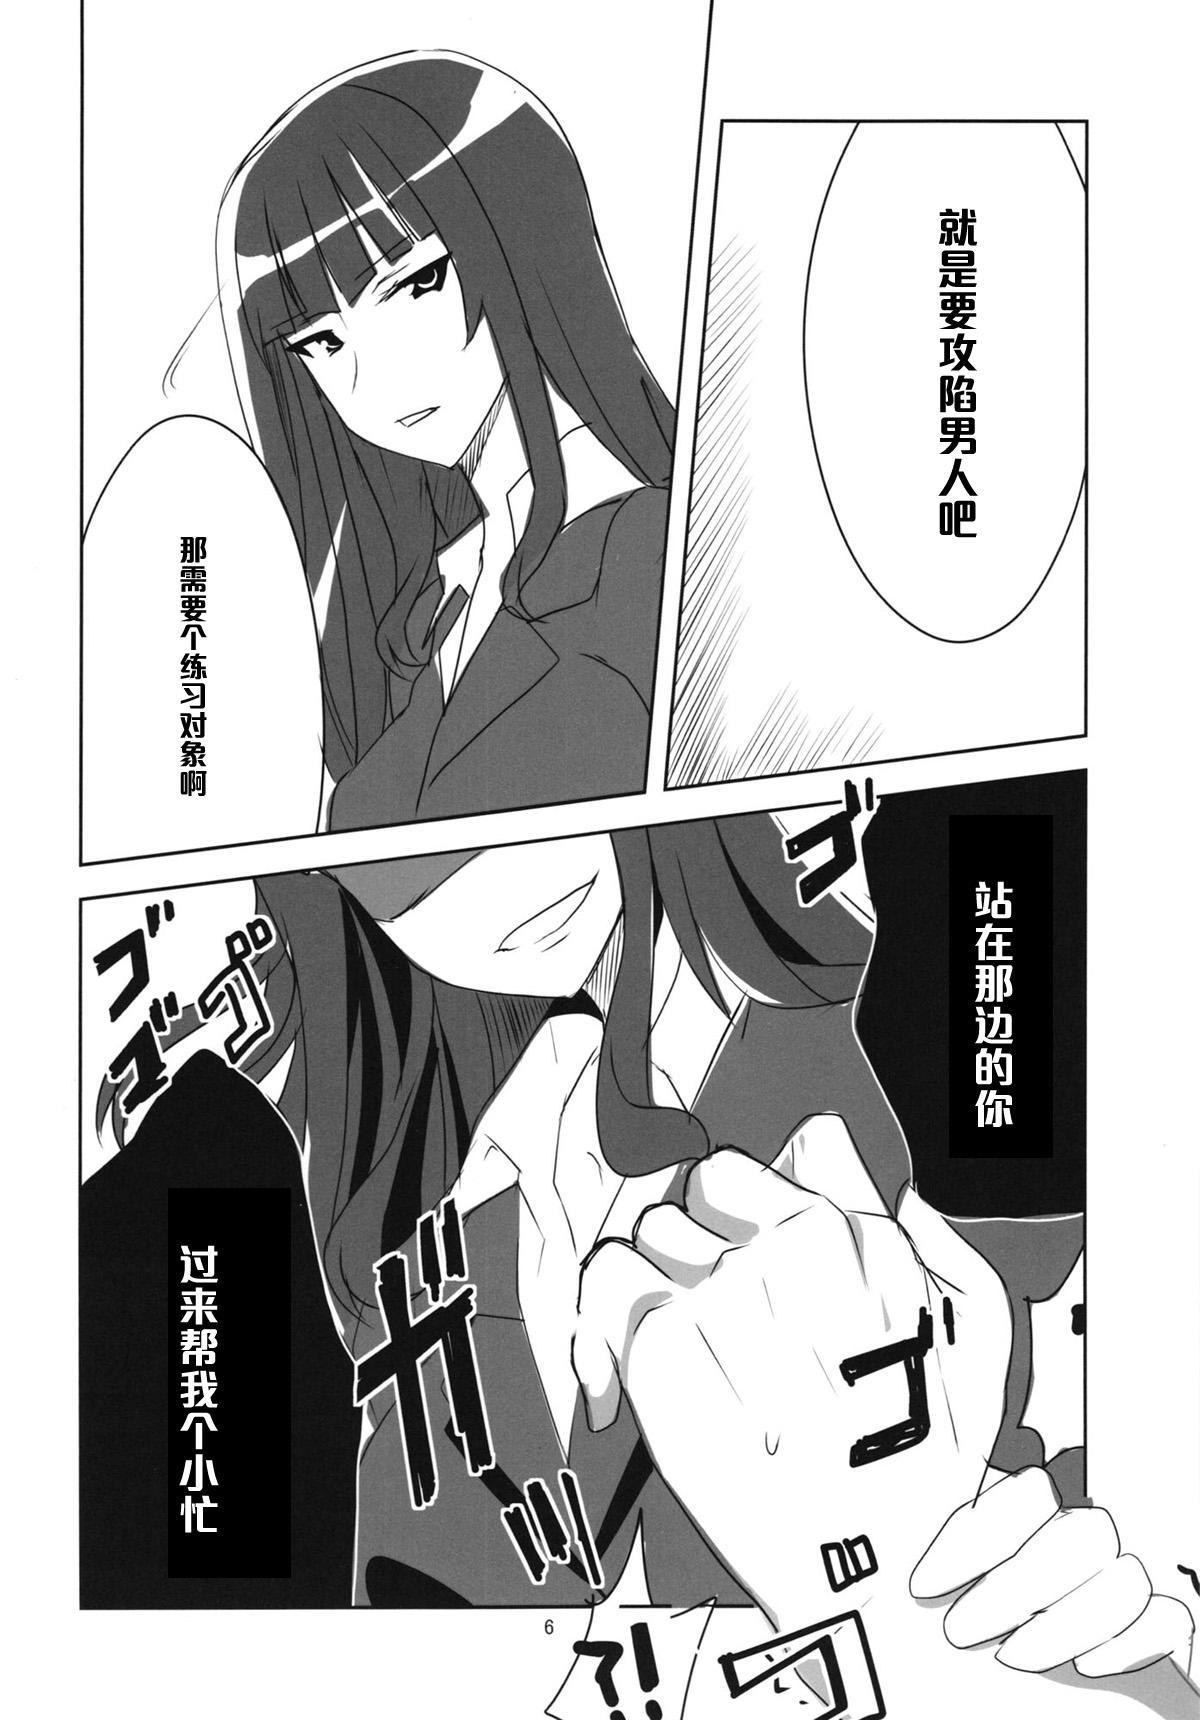 Yoru no Nishizumi ryuu 7